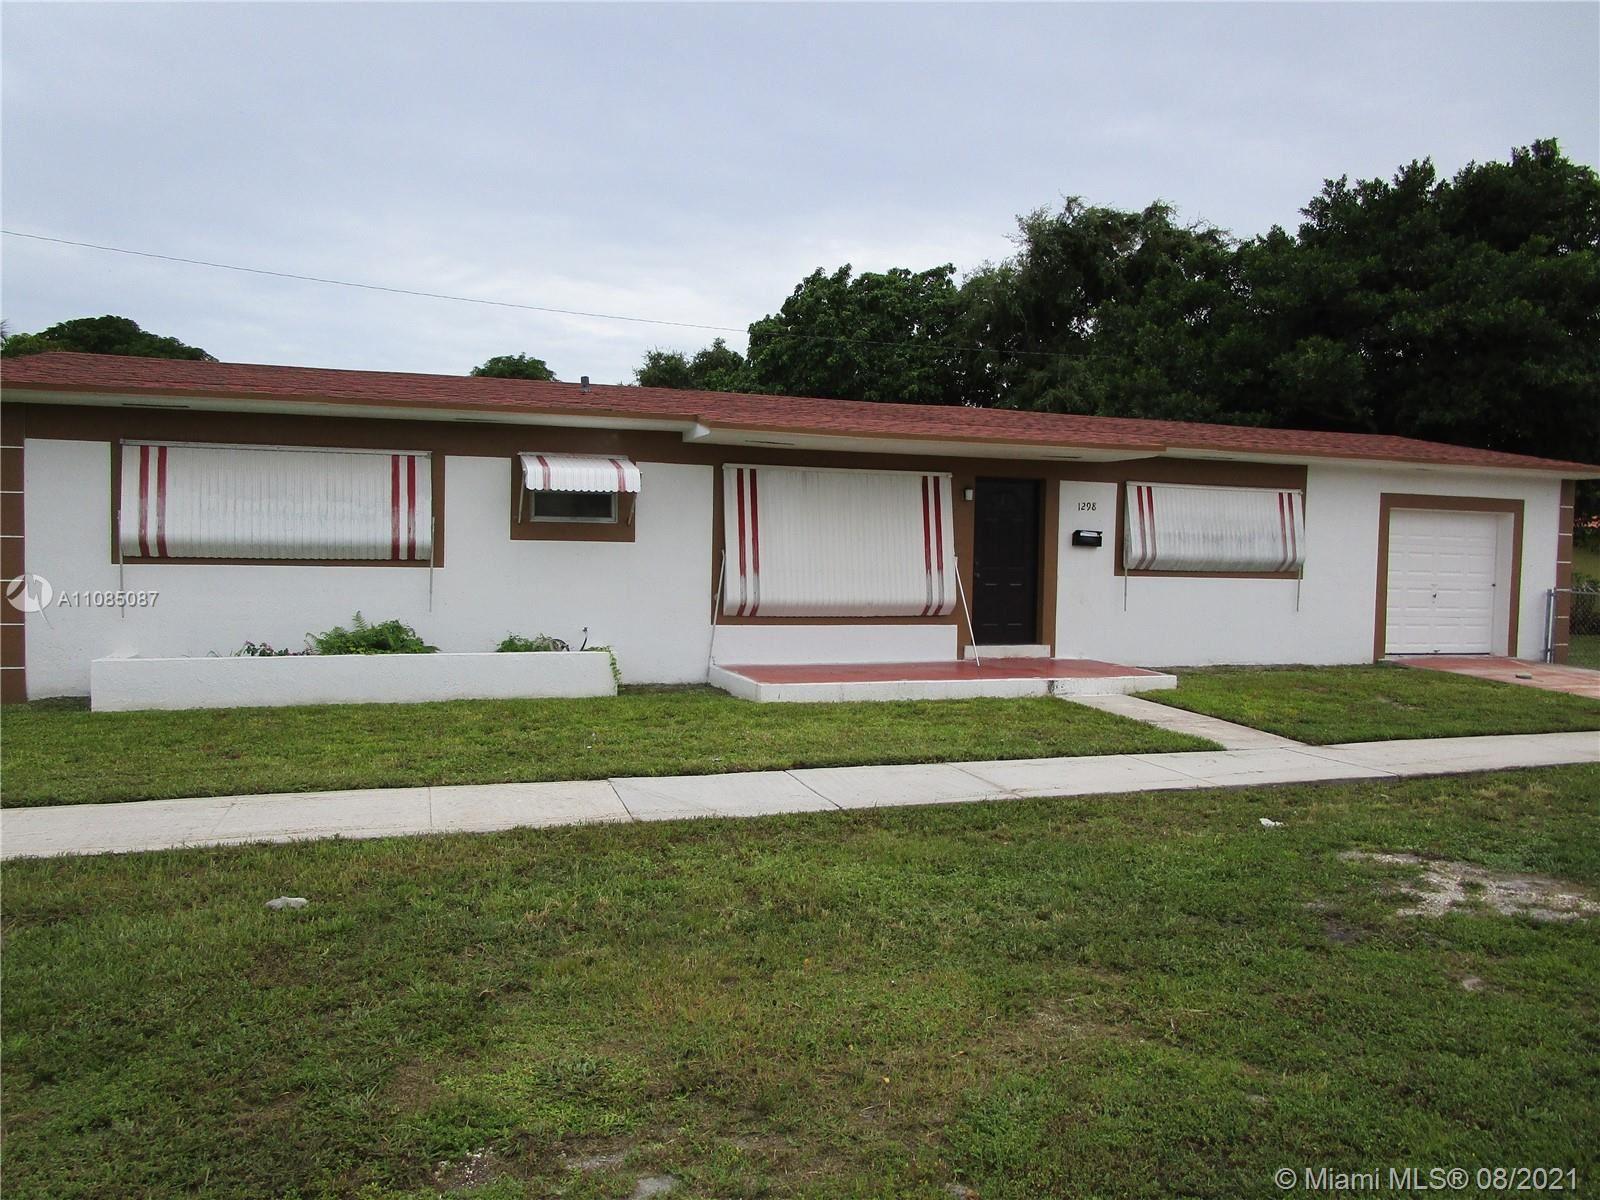 1298 NE 155th St, North Miami Beach, FL 33162 - #: A11085087